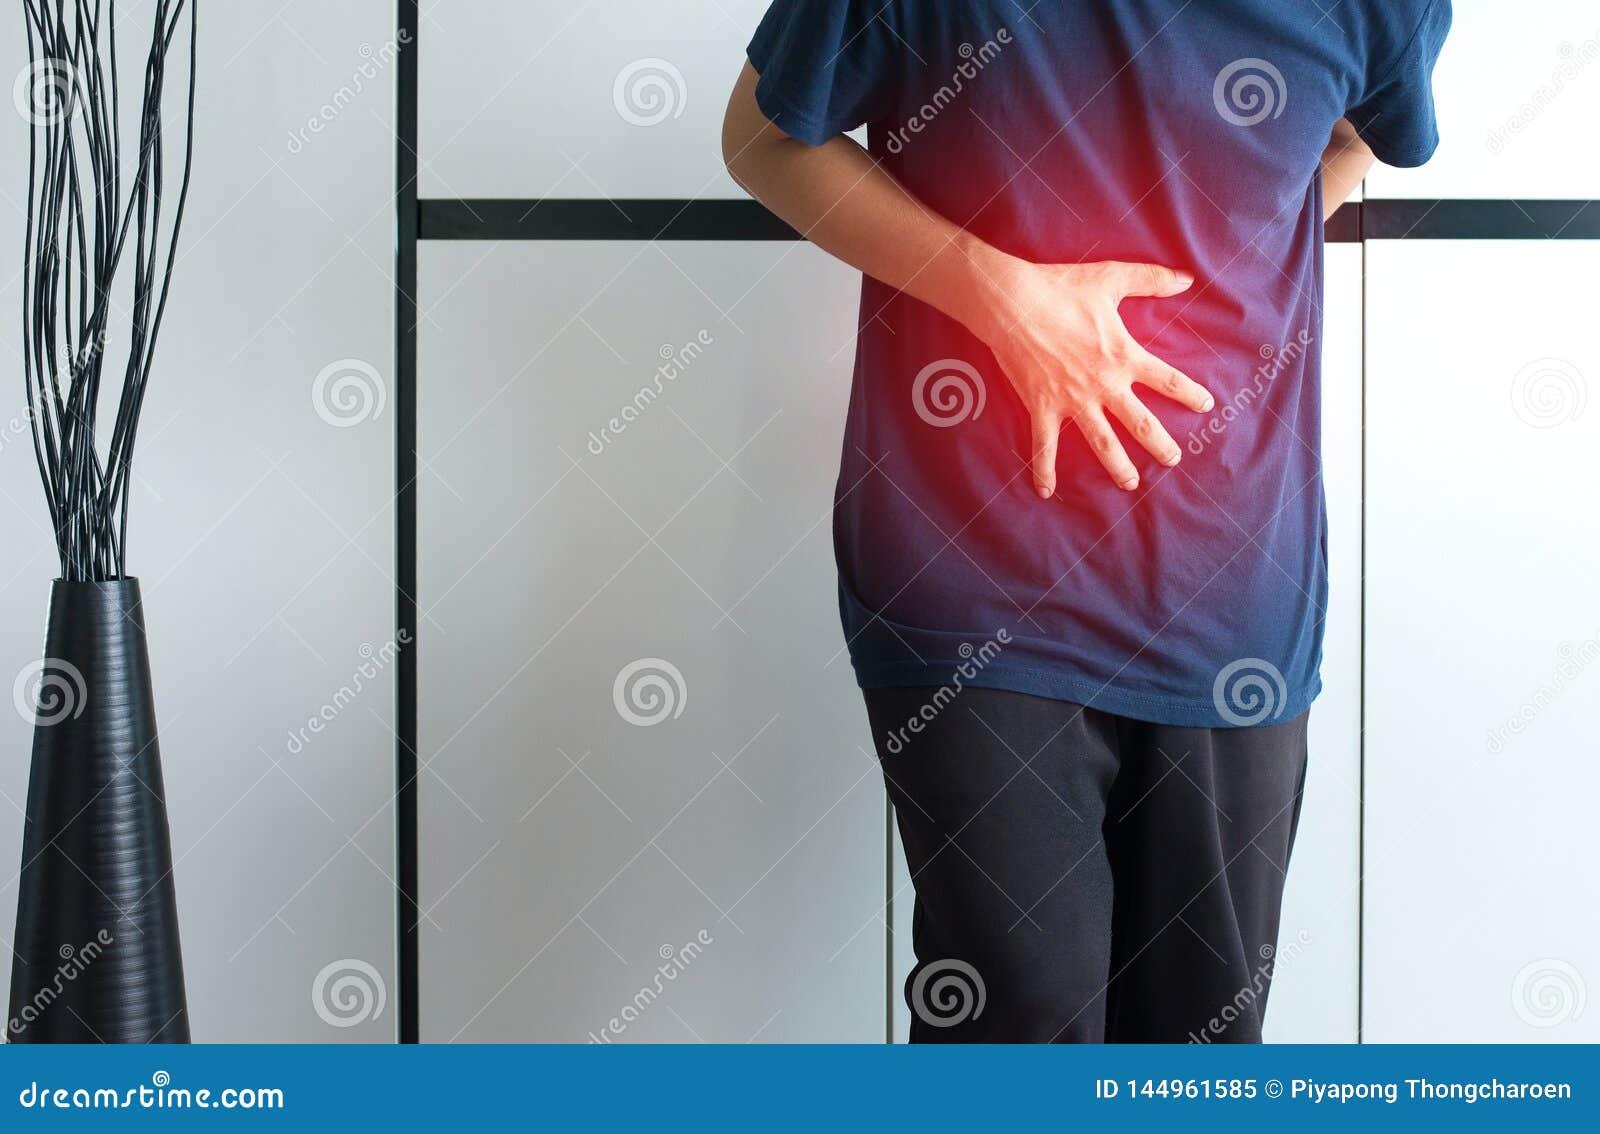 有的人痛苦的stomachache在家,从胃肠痛苦,紧压腹部的手的男性痛苦